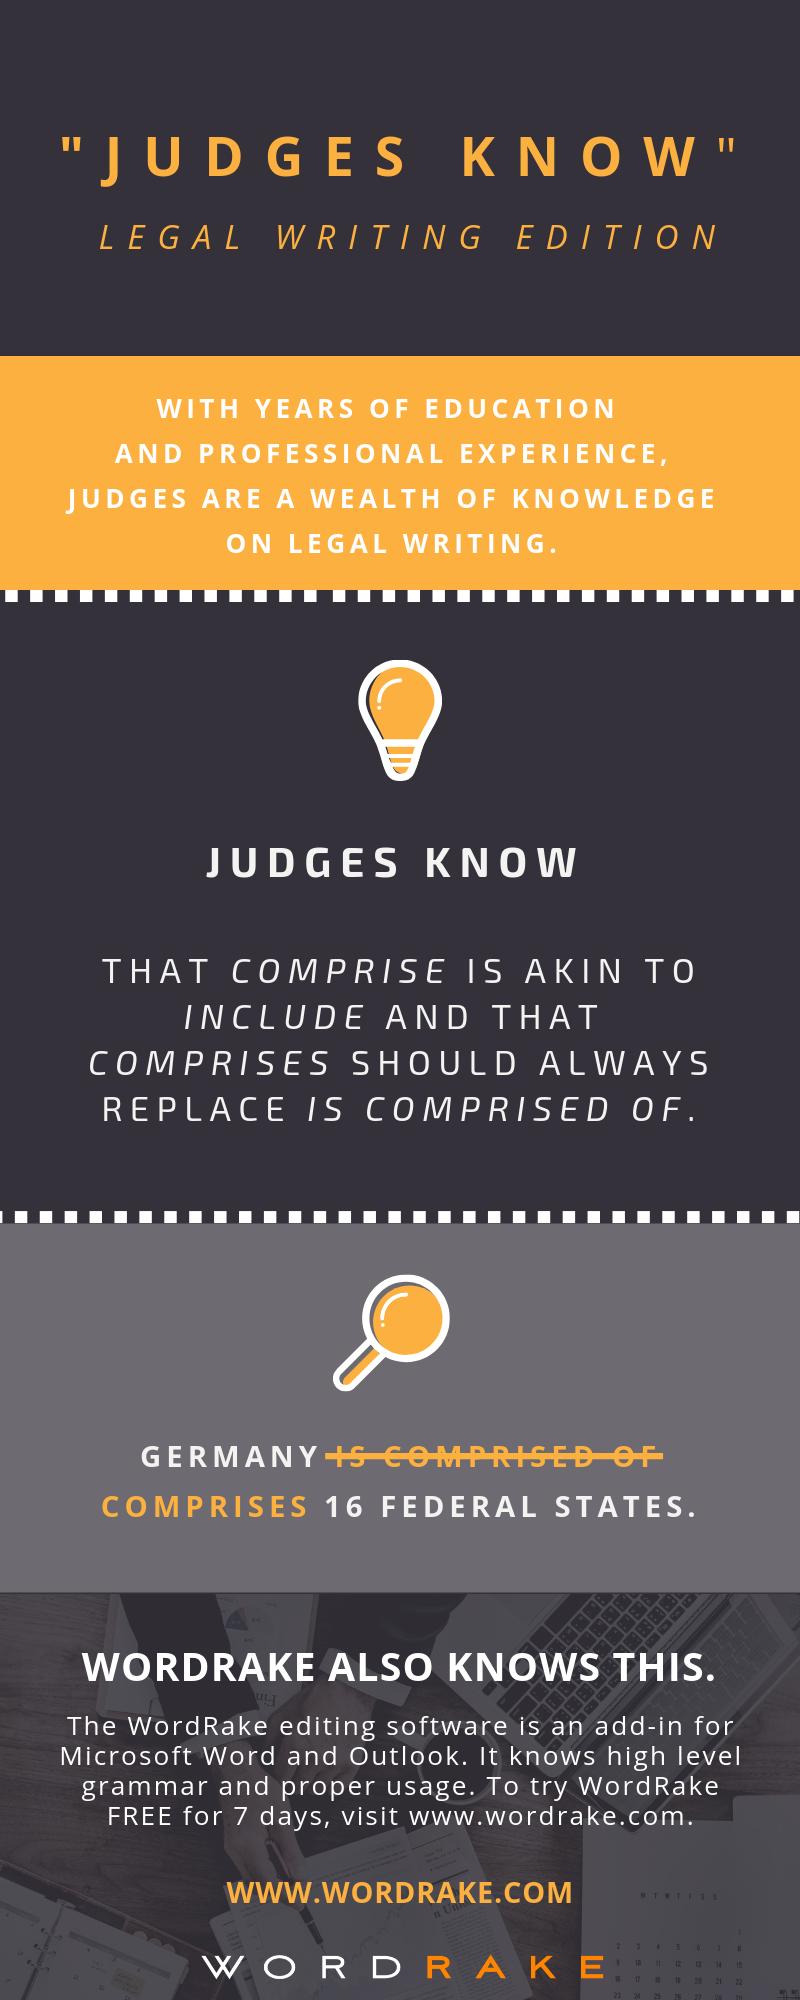 Judges Know 2 - Comprise (Long)